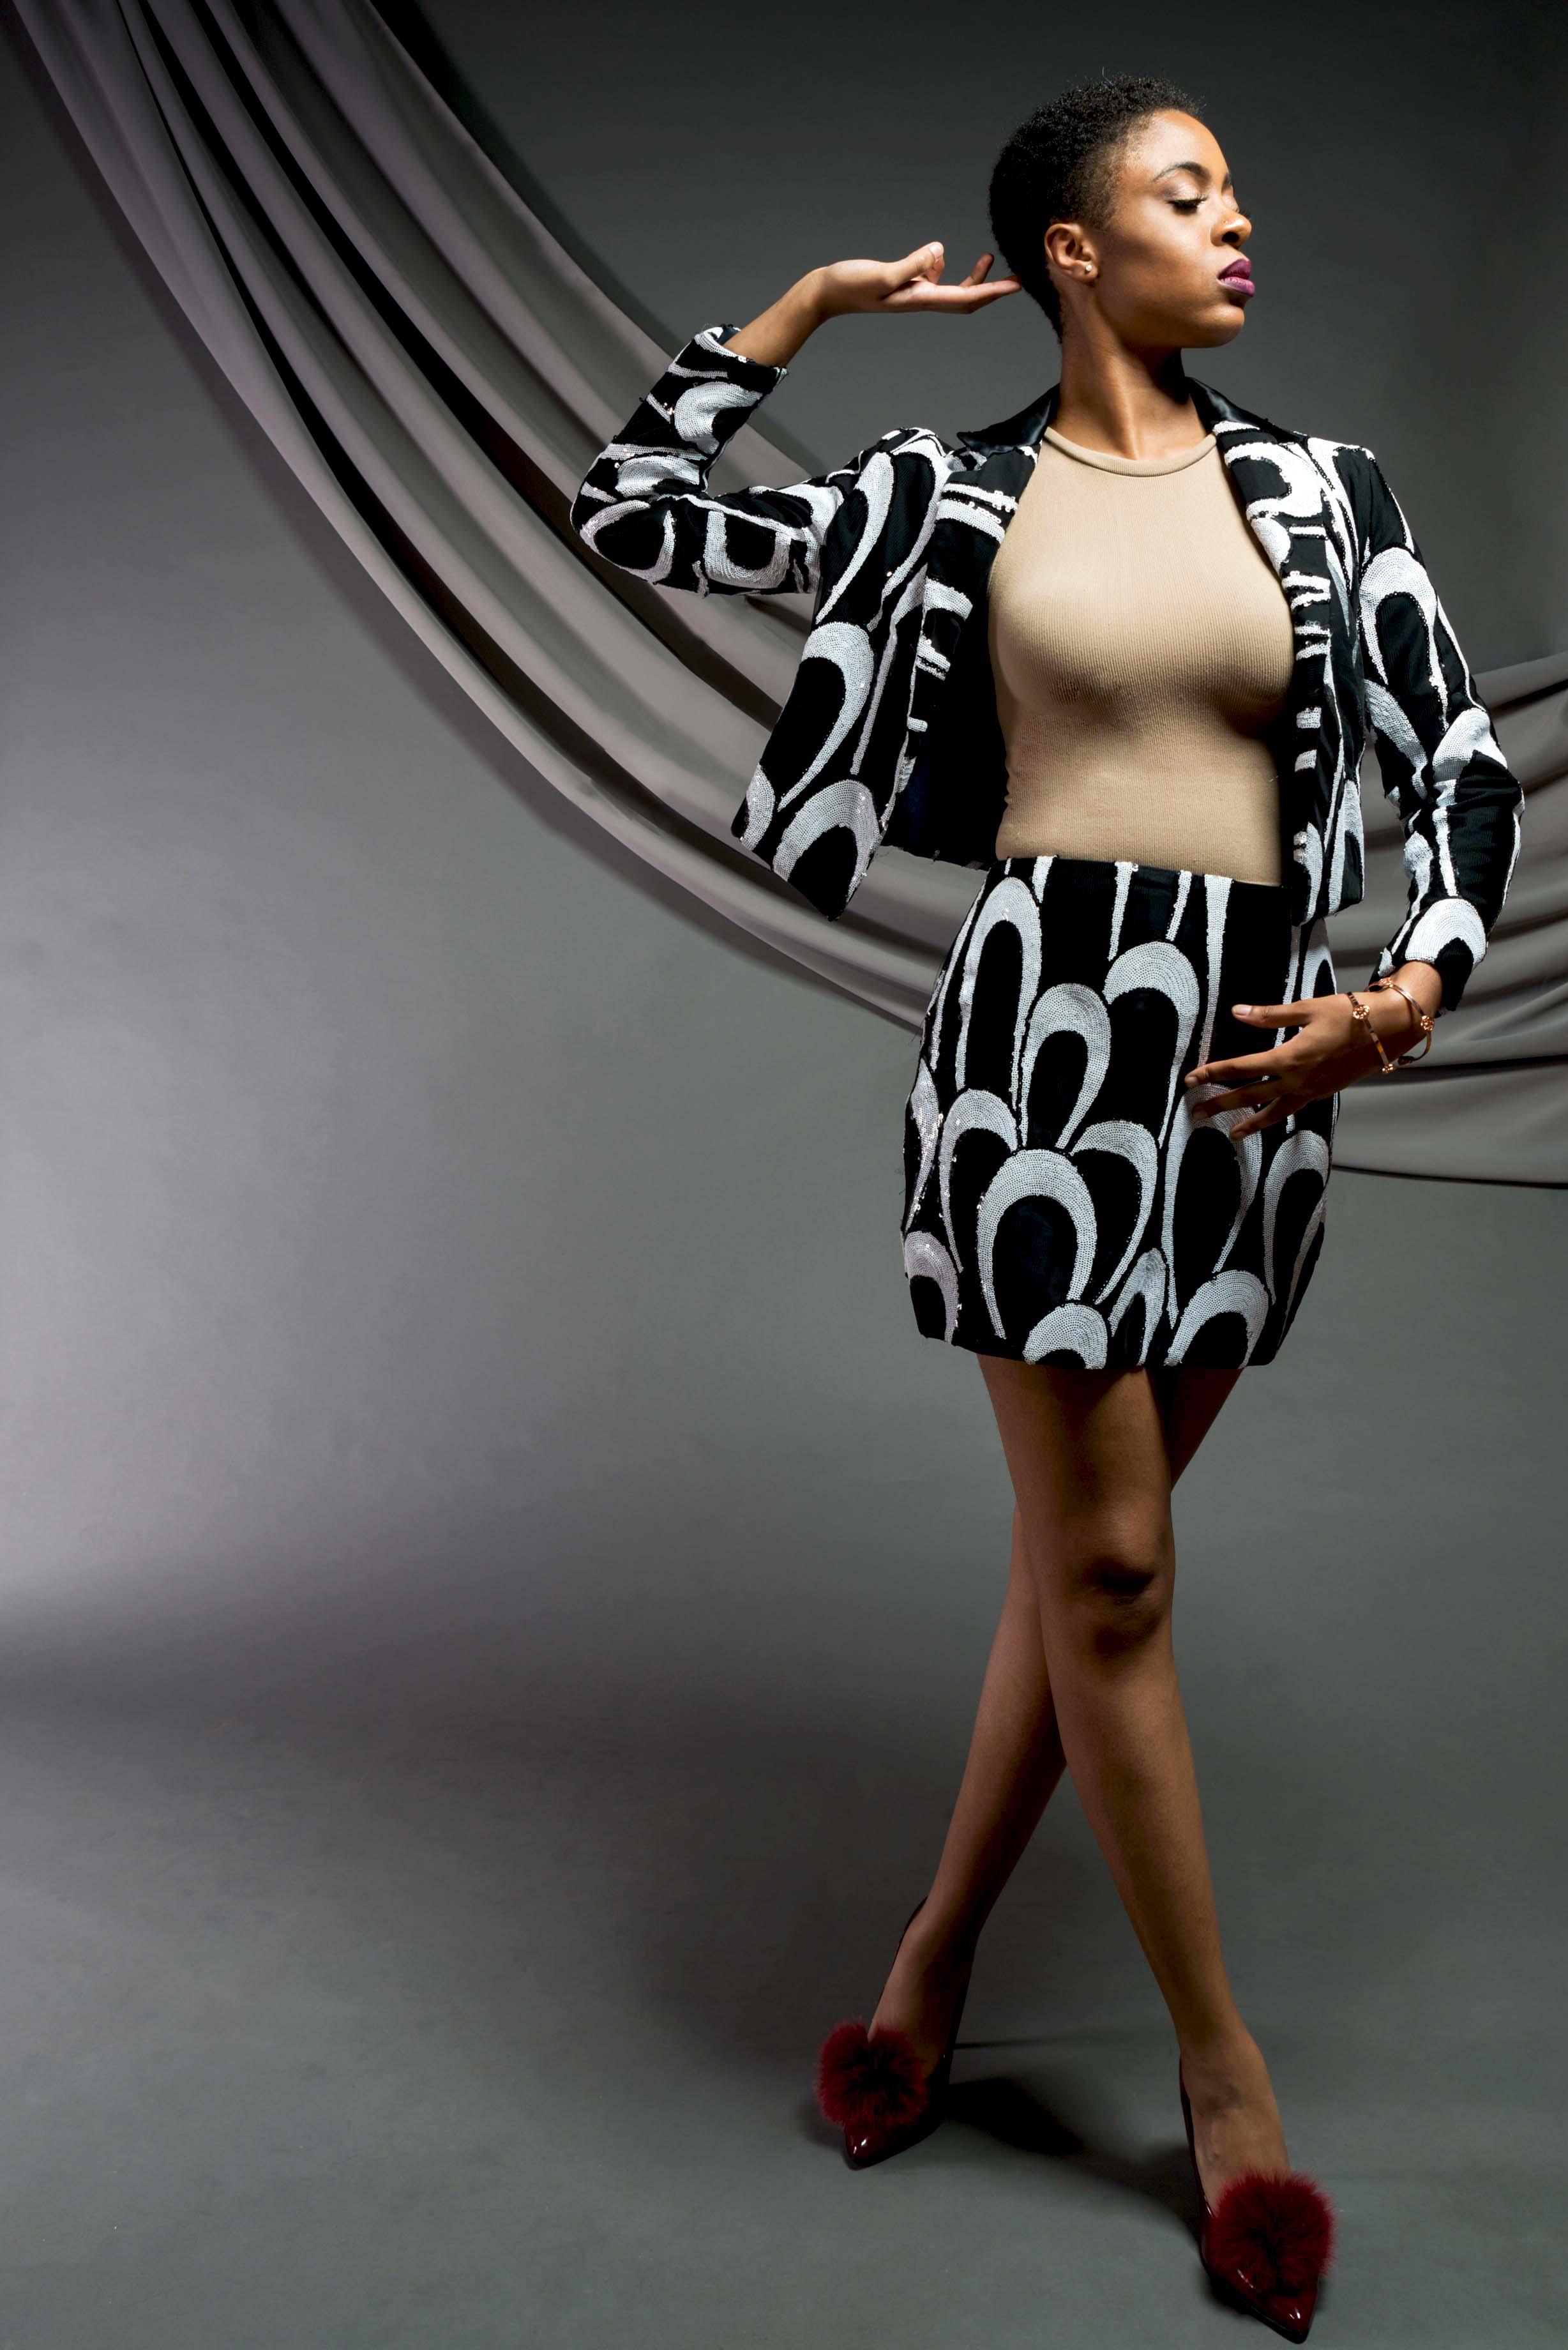 bw-sequin-suit-fb-lb.jpg